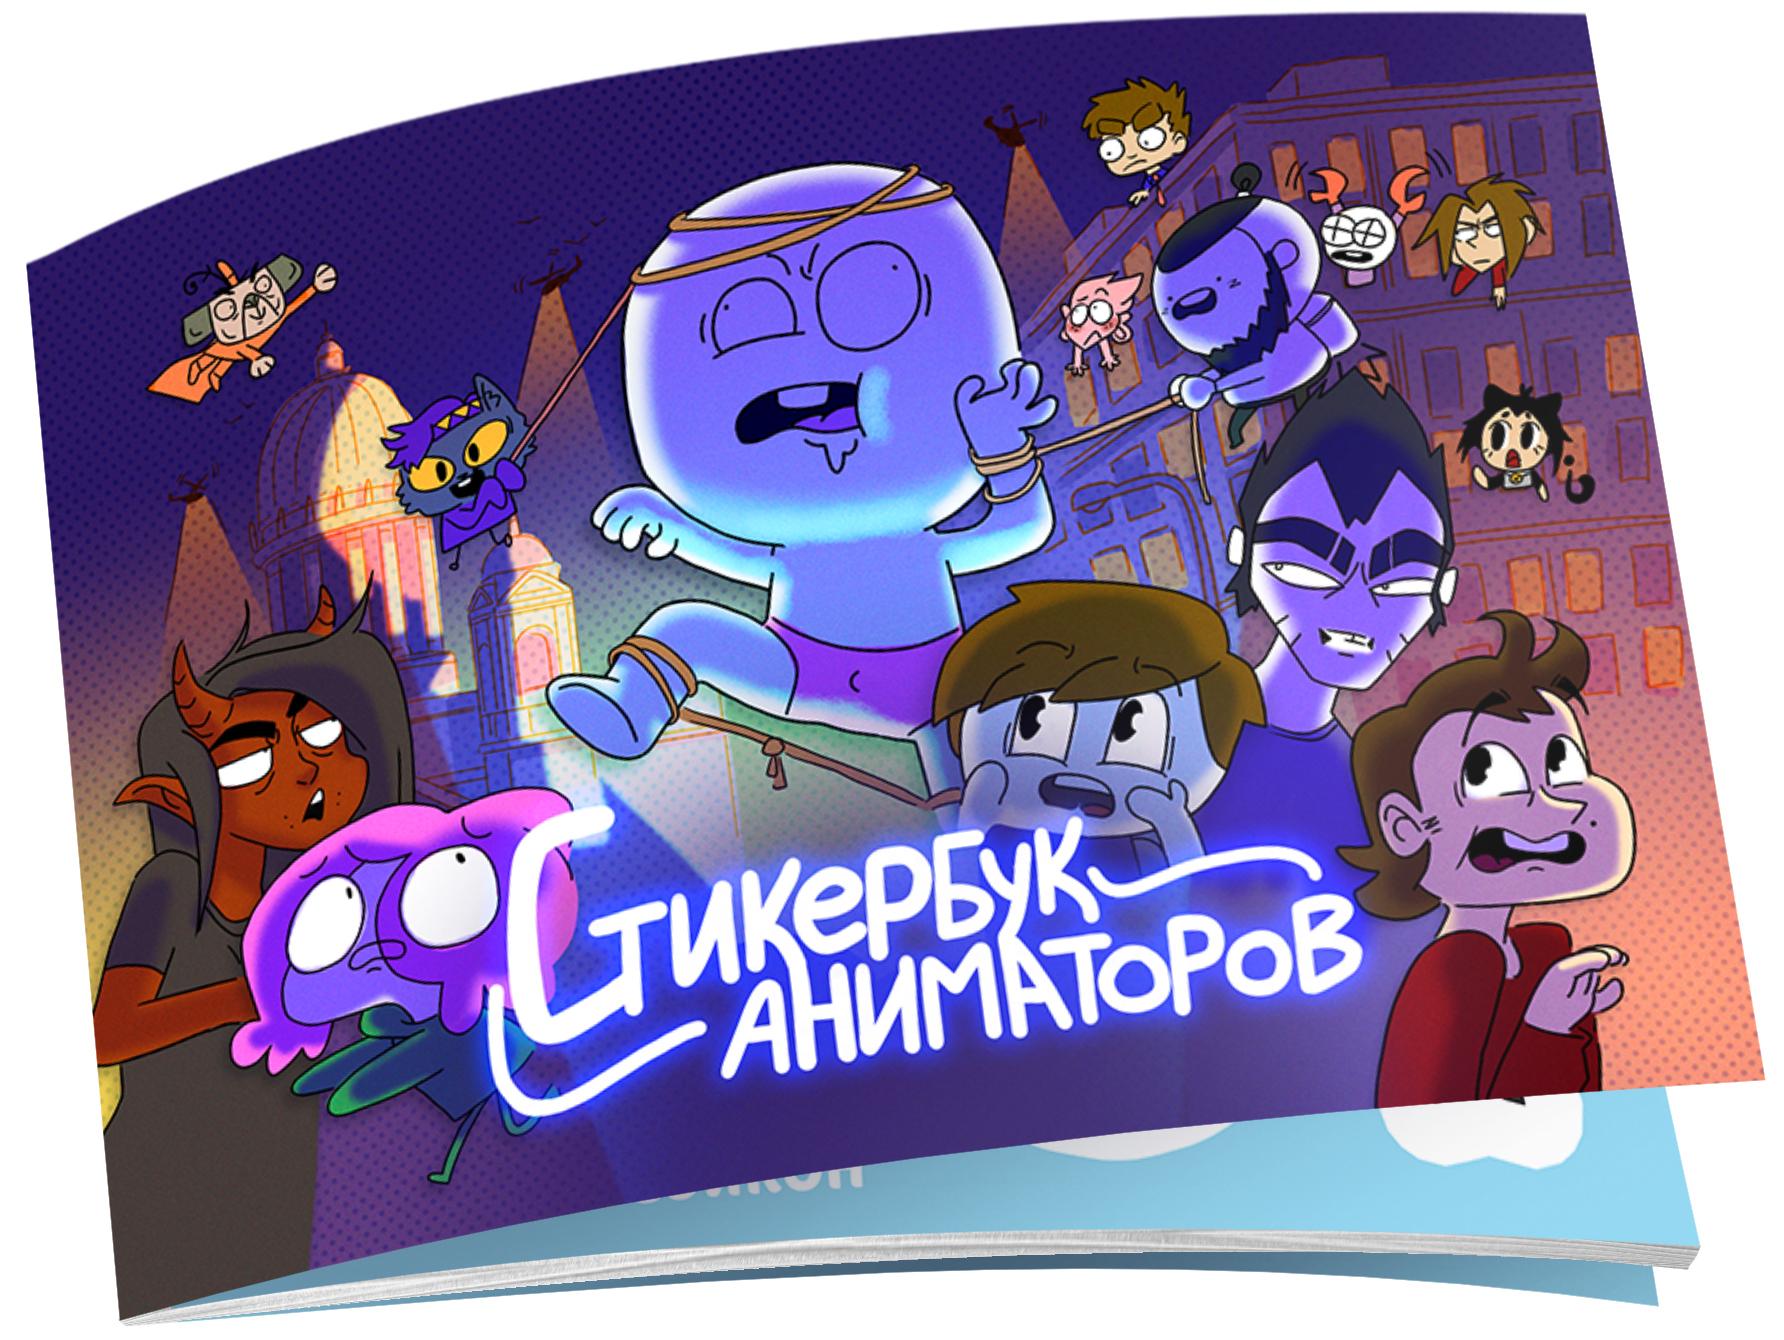 Стикербук Аниматоров фото